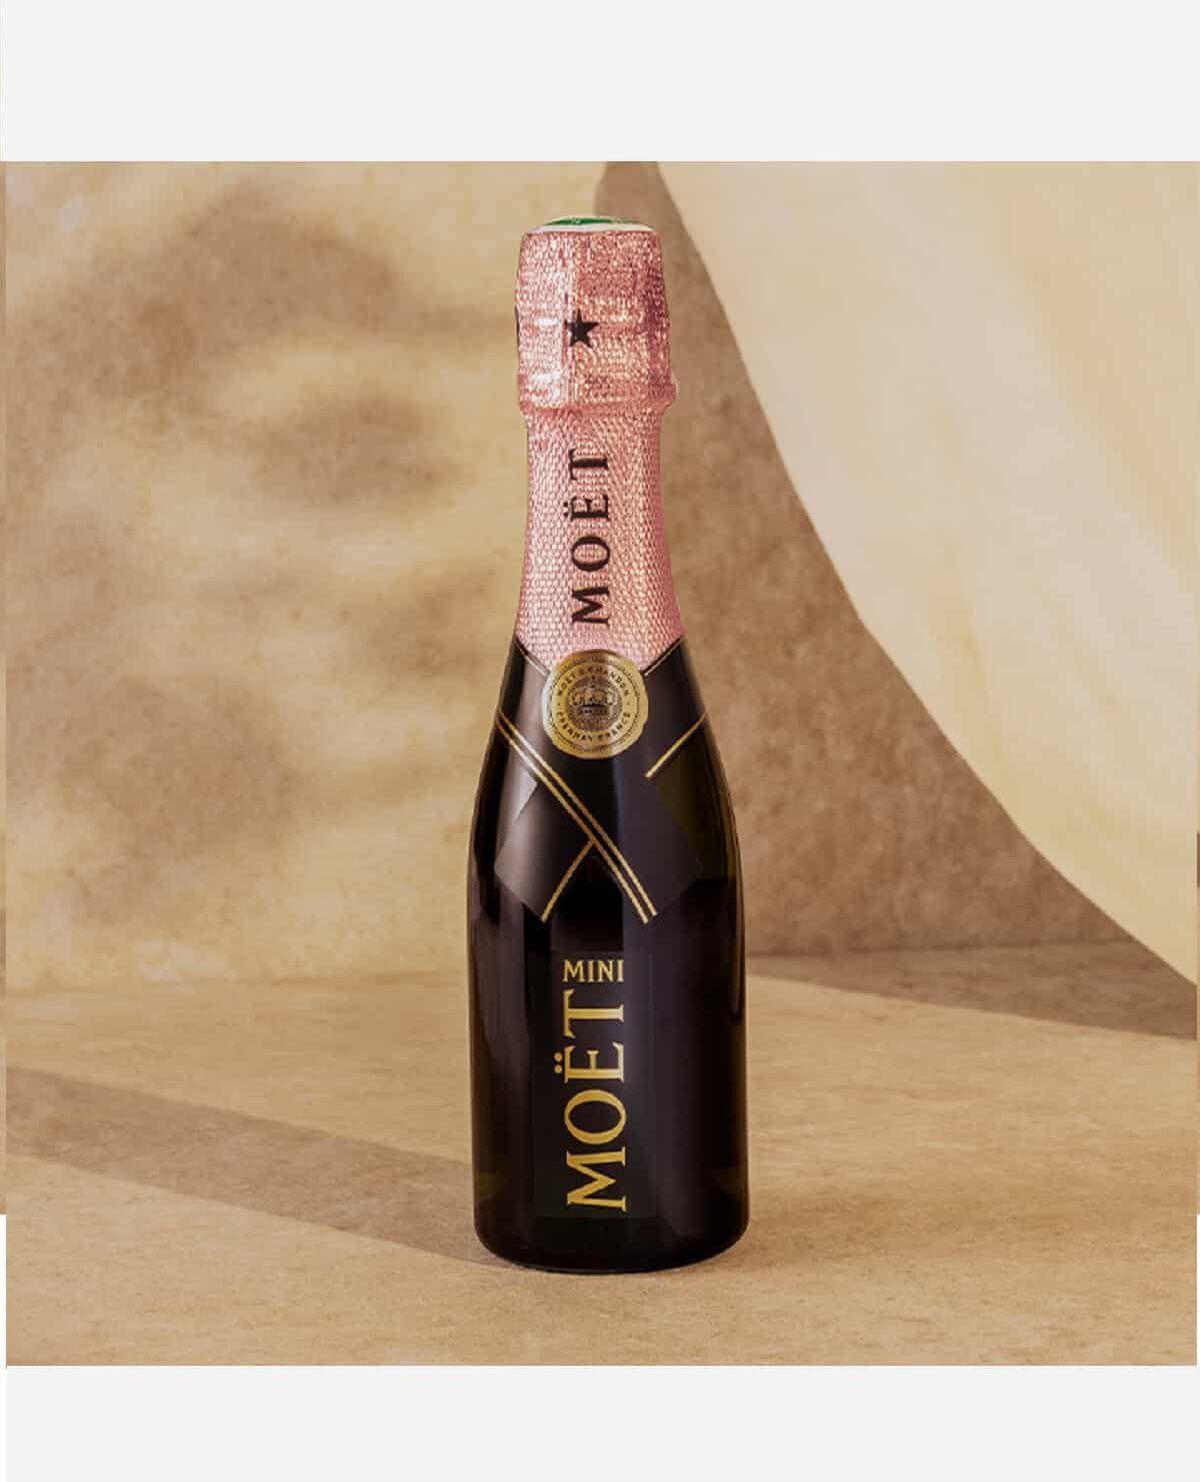 ロゼ アンペリアルMINIROSE シャンパン